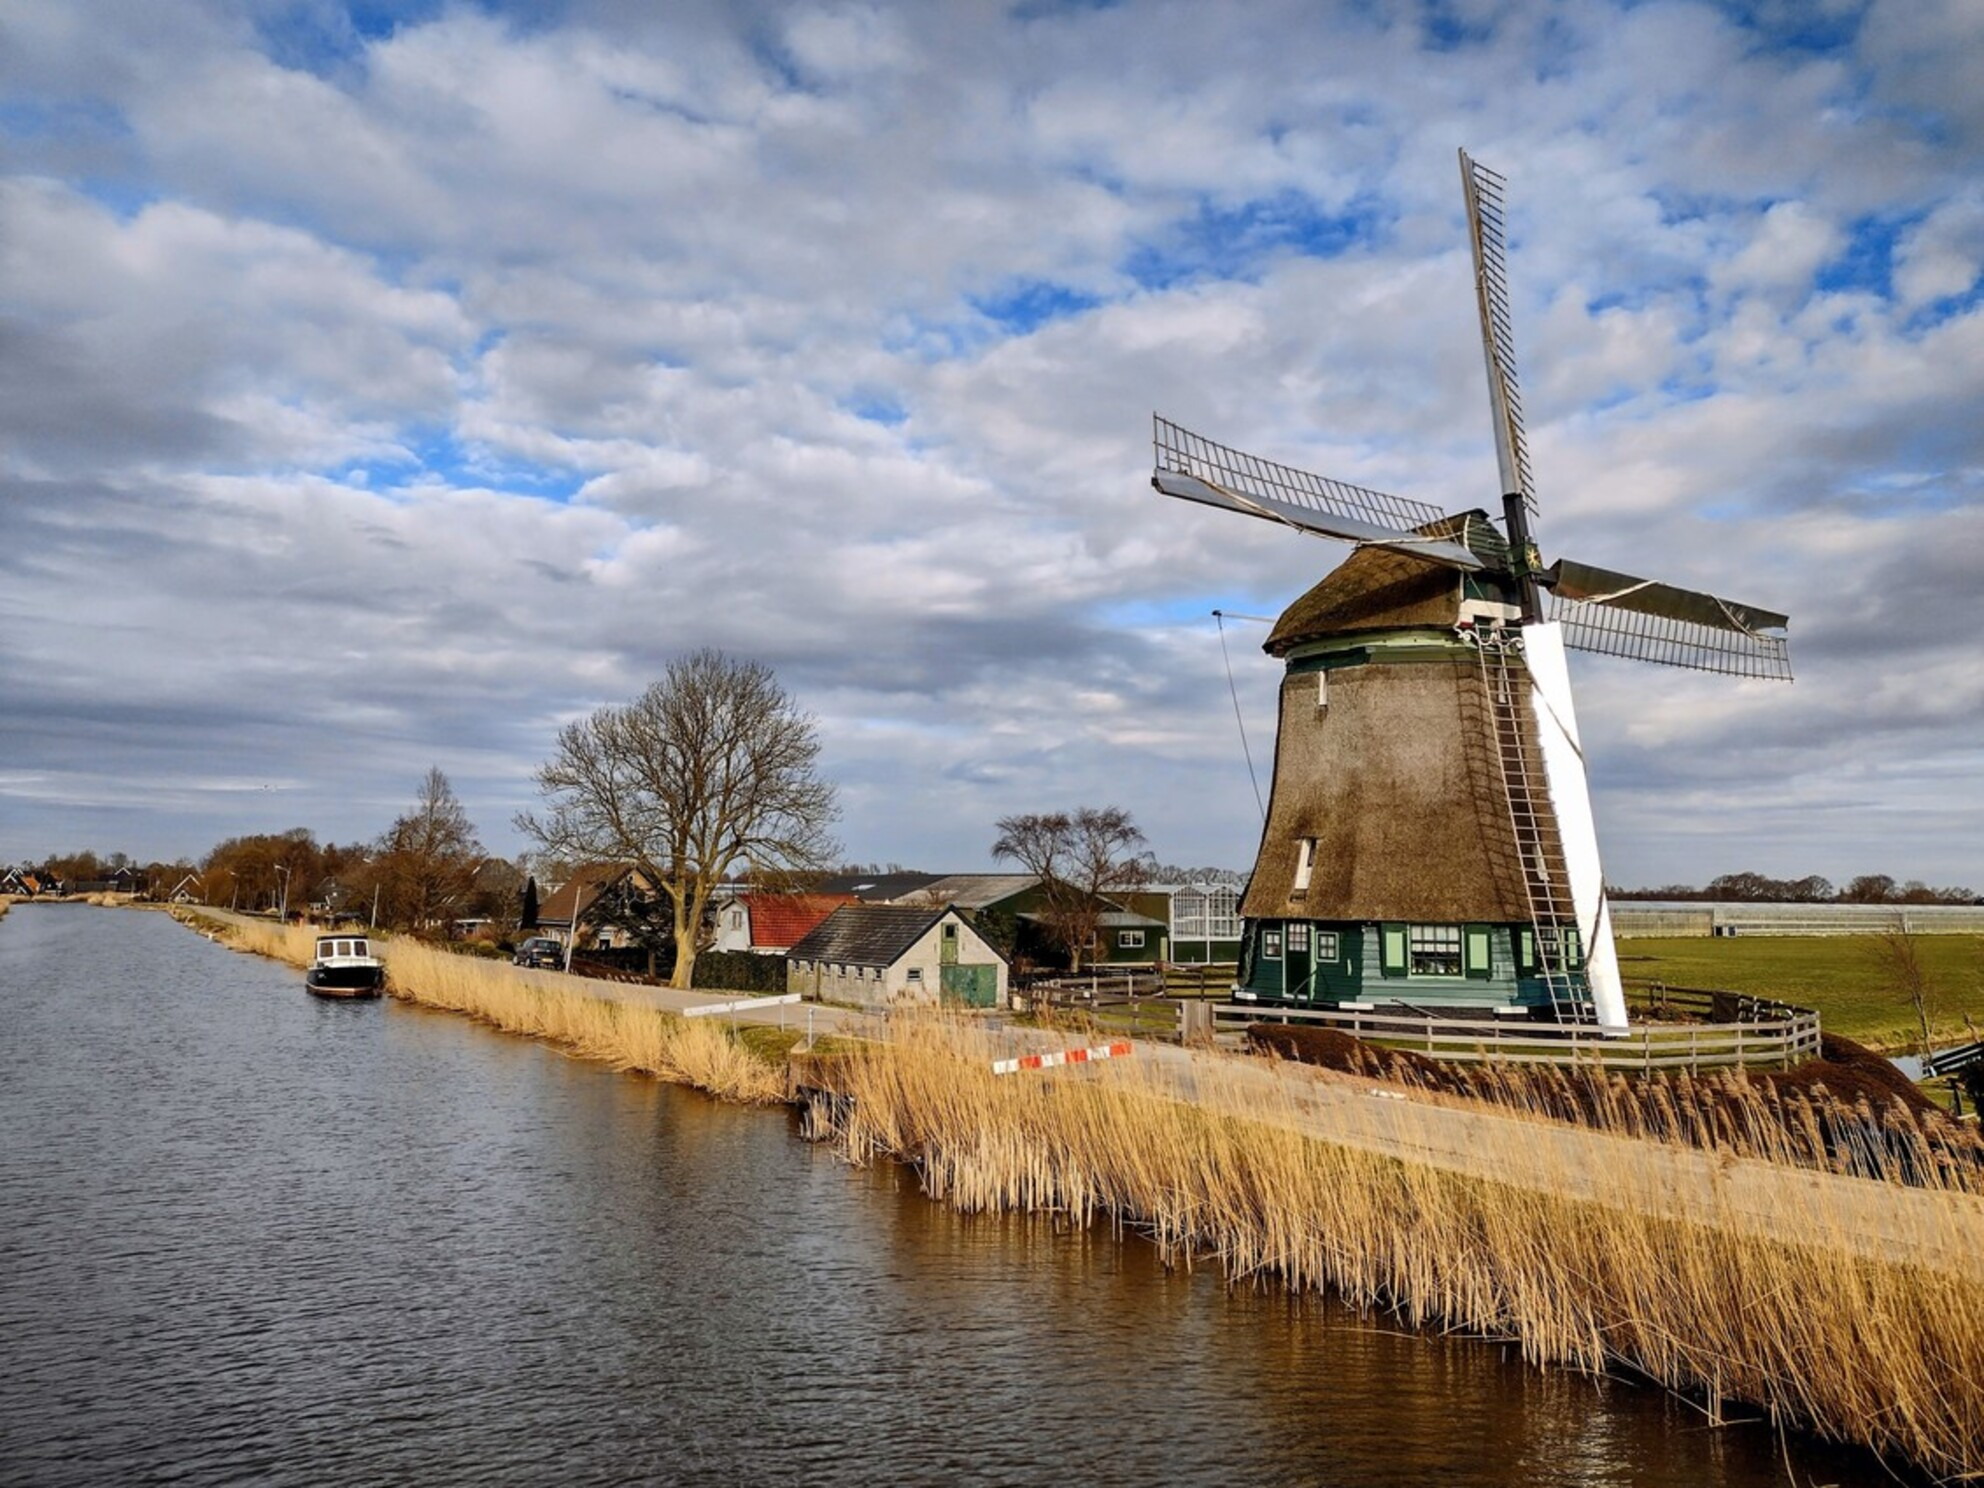 IMG_20210224_150206688_HDR_3 - Molen aan de Obdammerdijk,foto genomen vanaf de Oostdijk,Heerhugowaard. - foto door Sukawaka op 28-02-2021 - deze foto bevat: molen - Deze foto mag gebruikt worden in een Zoom.nl publicatie